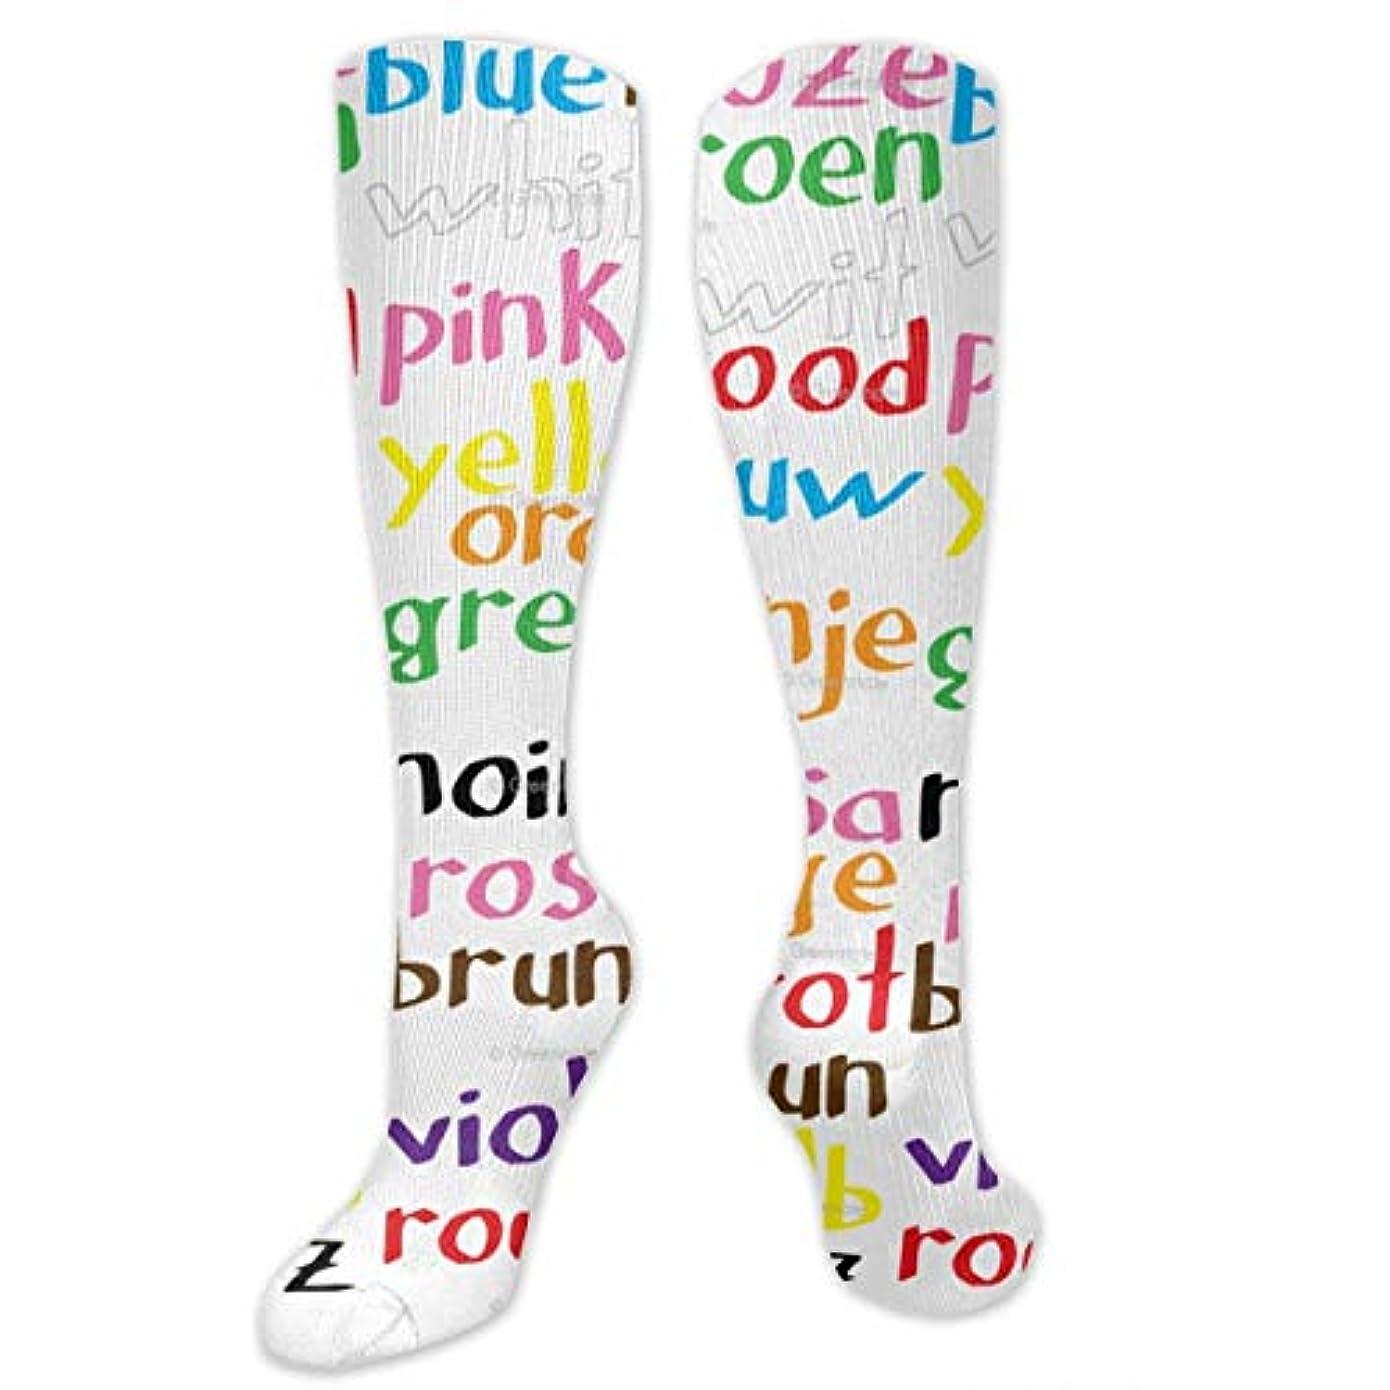 特徴アルミニウム近傍靴下,ストッキング,野生のジョーカー,実際,秋の本質,冬必須,サマーウェア&RBXAA Colour Words Socks Women's Winter Cotton Long Tube Socks Cotton Solid...